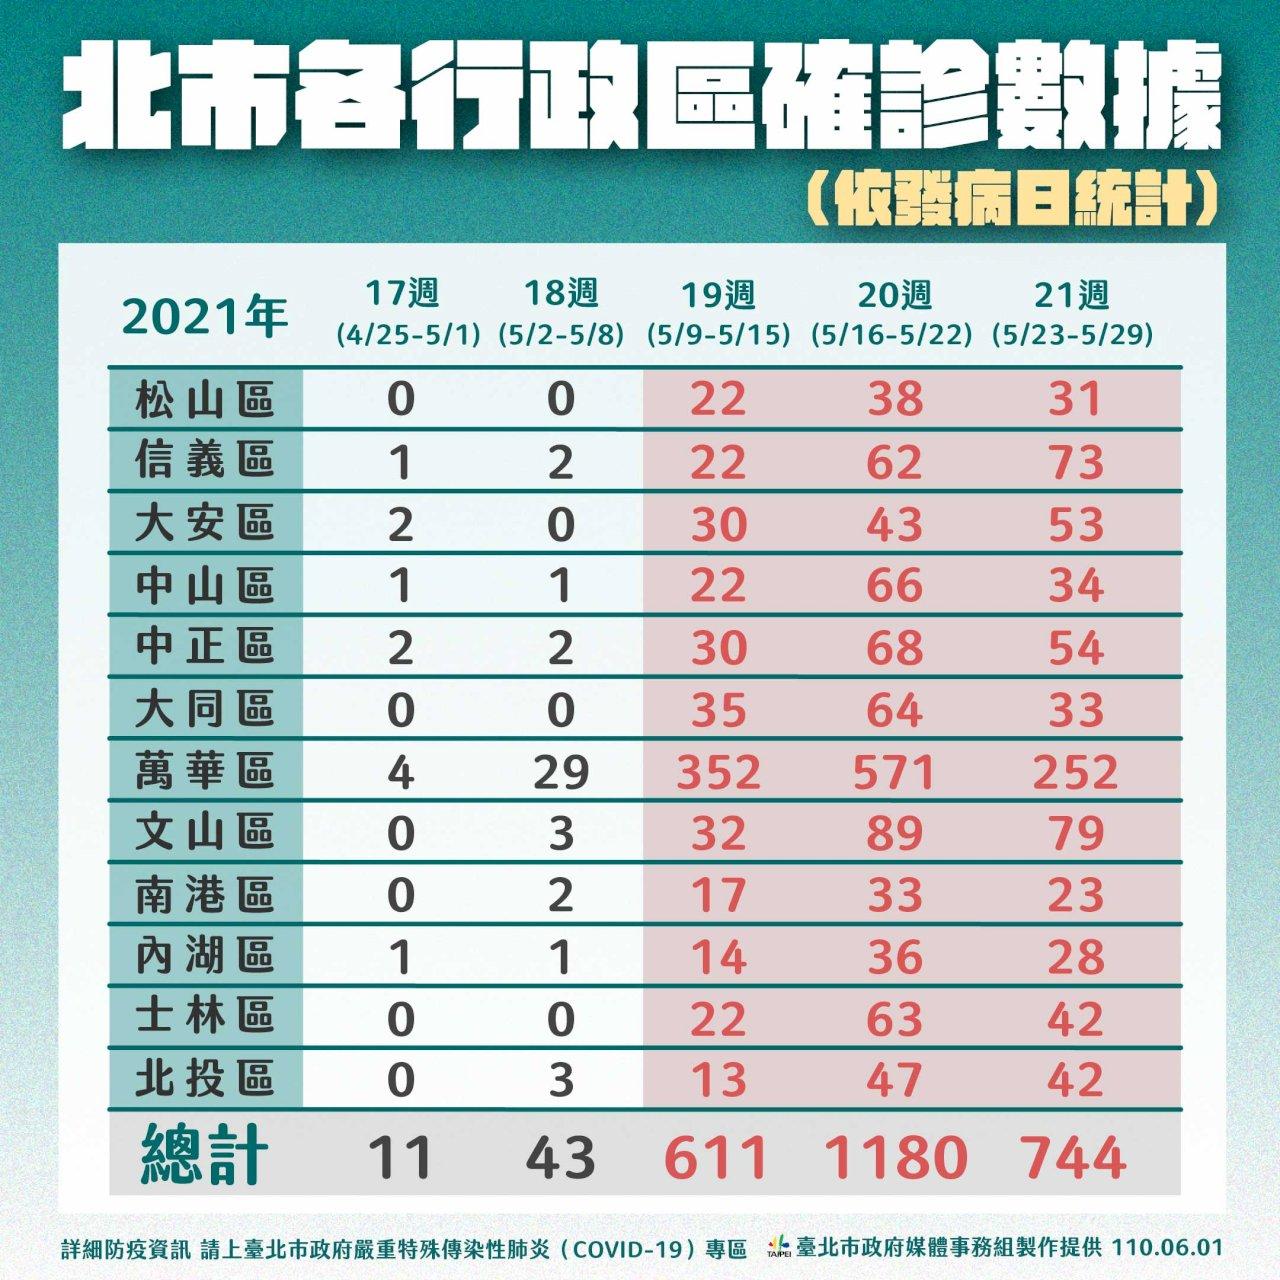 北巿部分傳統巿場設即時影像、台灣有疫苗保單、國產疫苗將有認證、外送也推低消制...